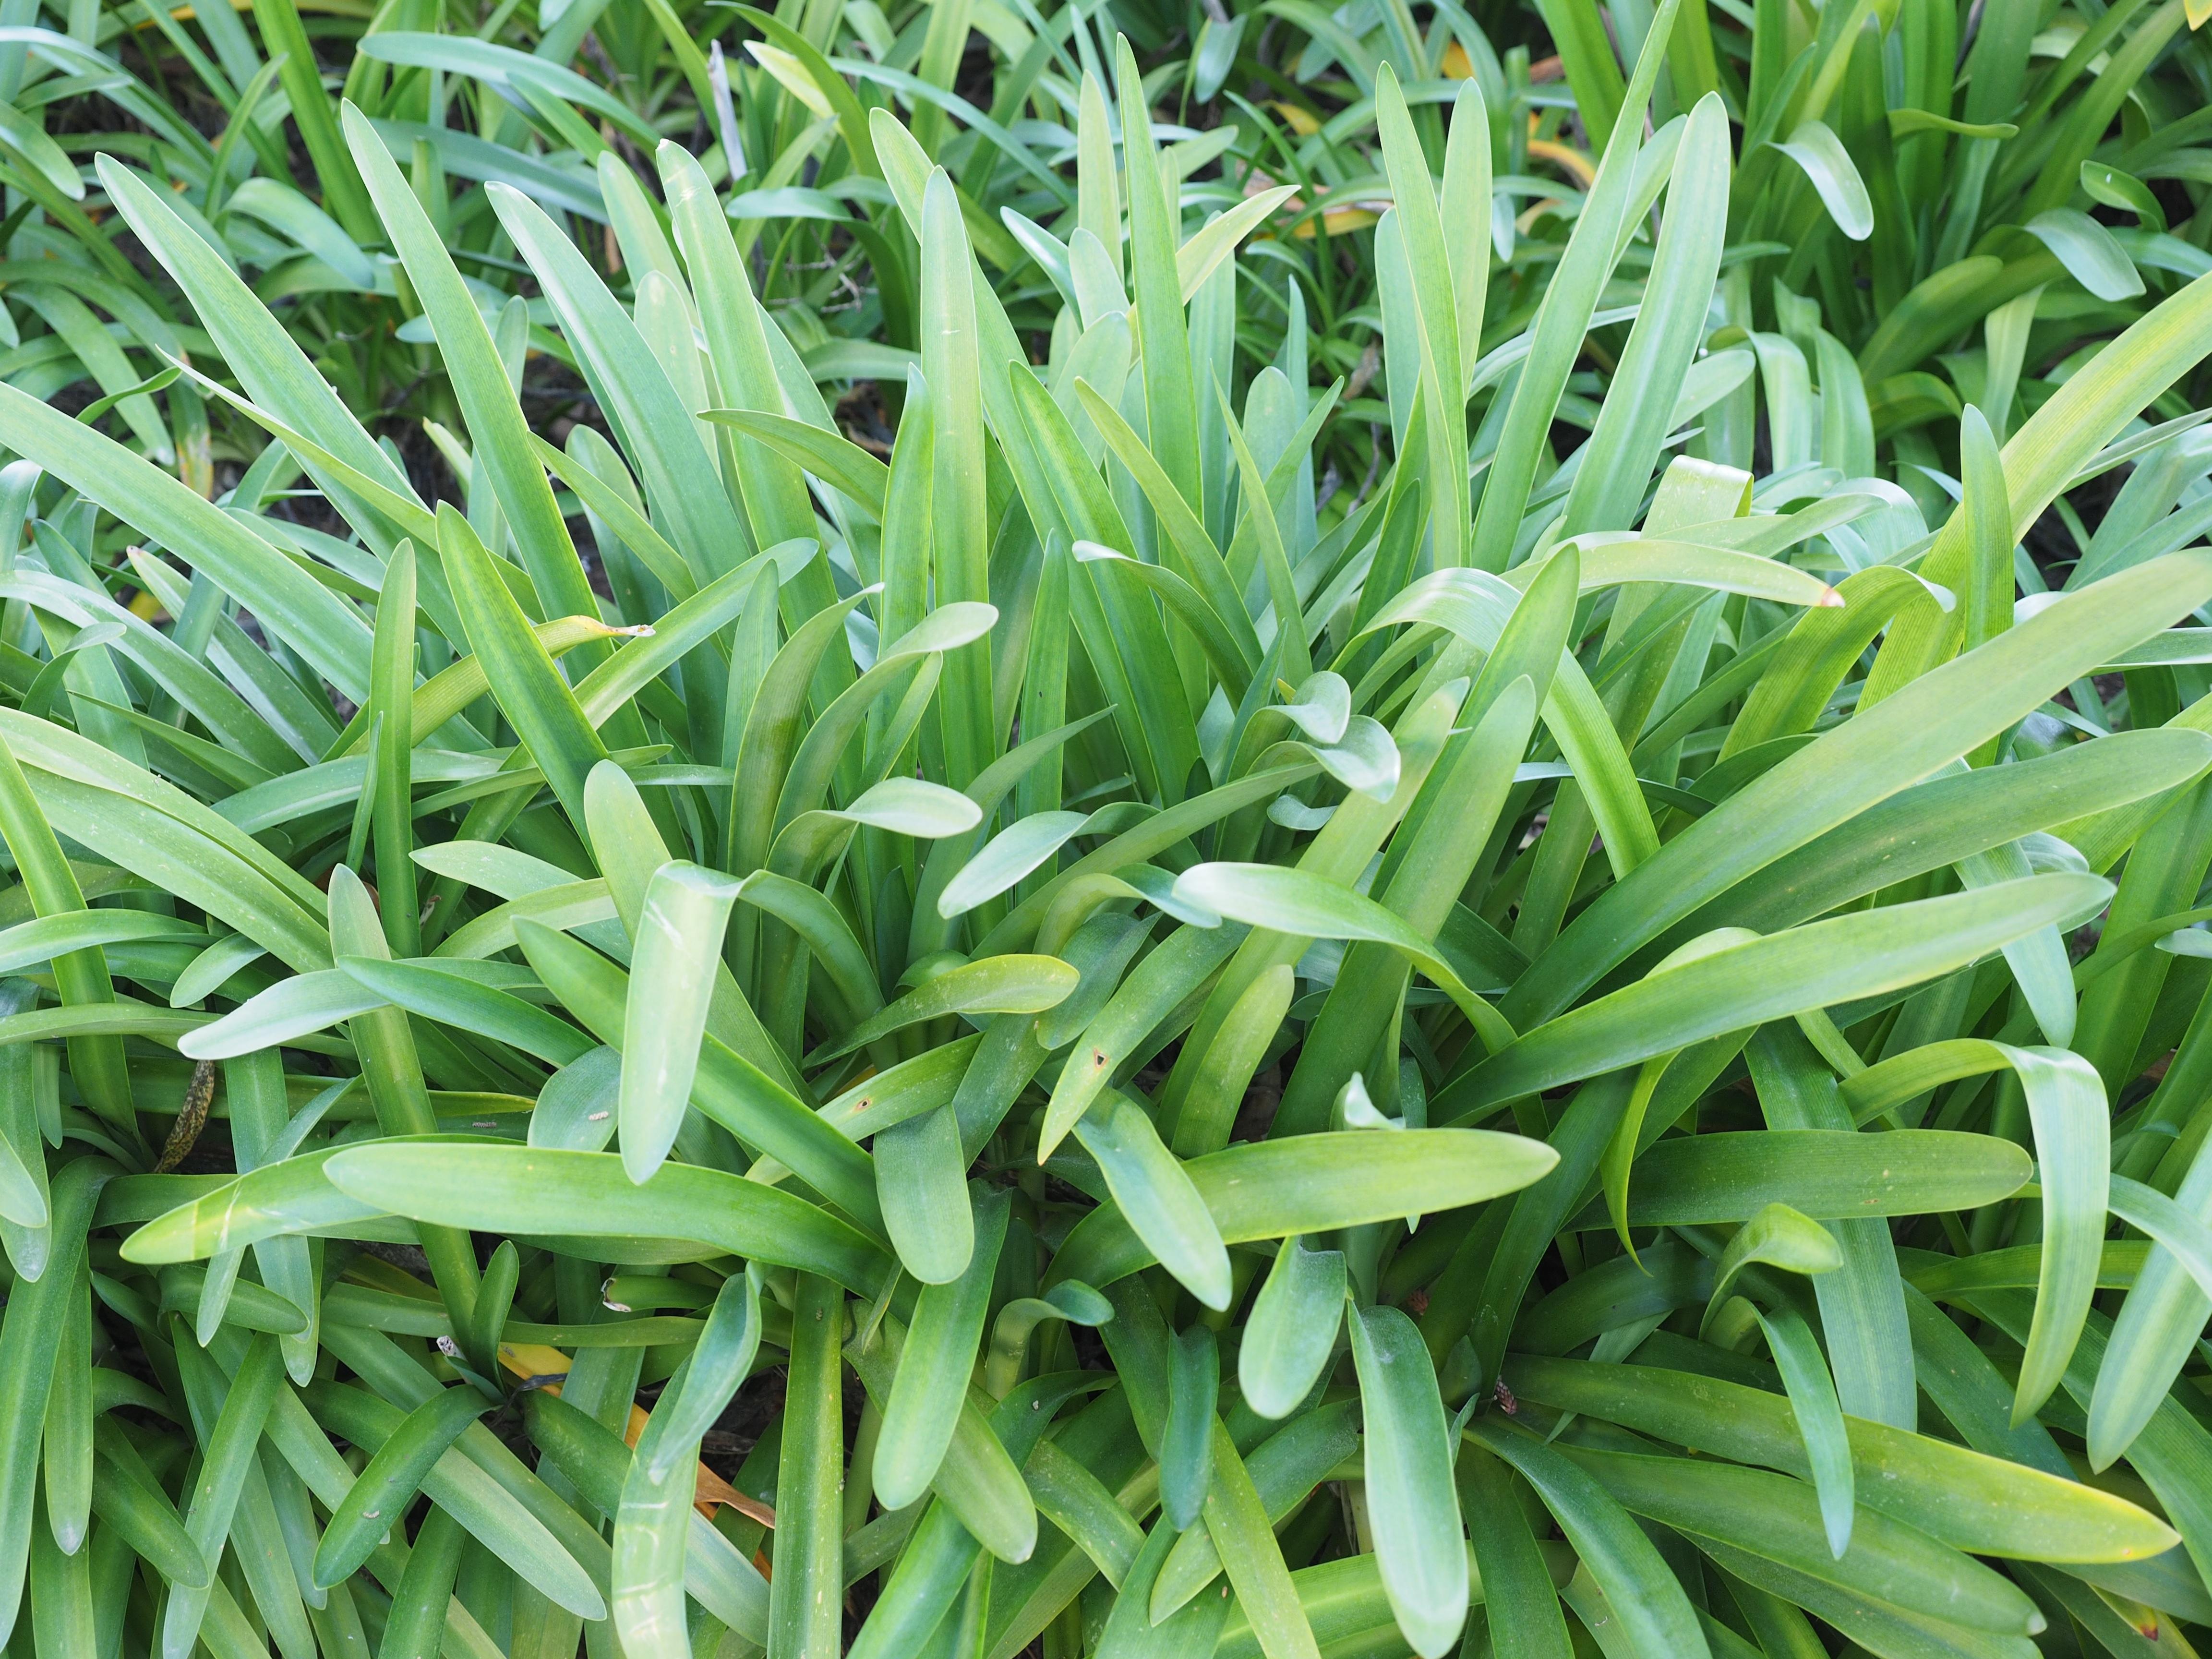 Gambar Pertumbuhan Menanam Halaman Rumput Hijau Herba Biji Tanaman Hias Bunga Menghasilkan Botani Daun Iris Belukar